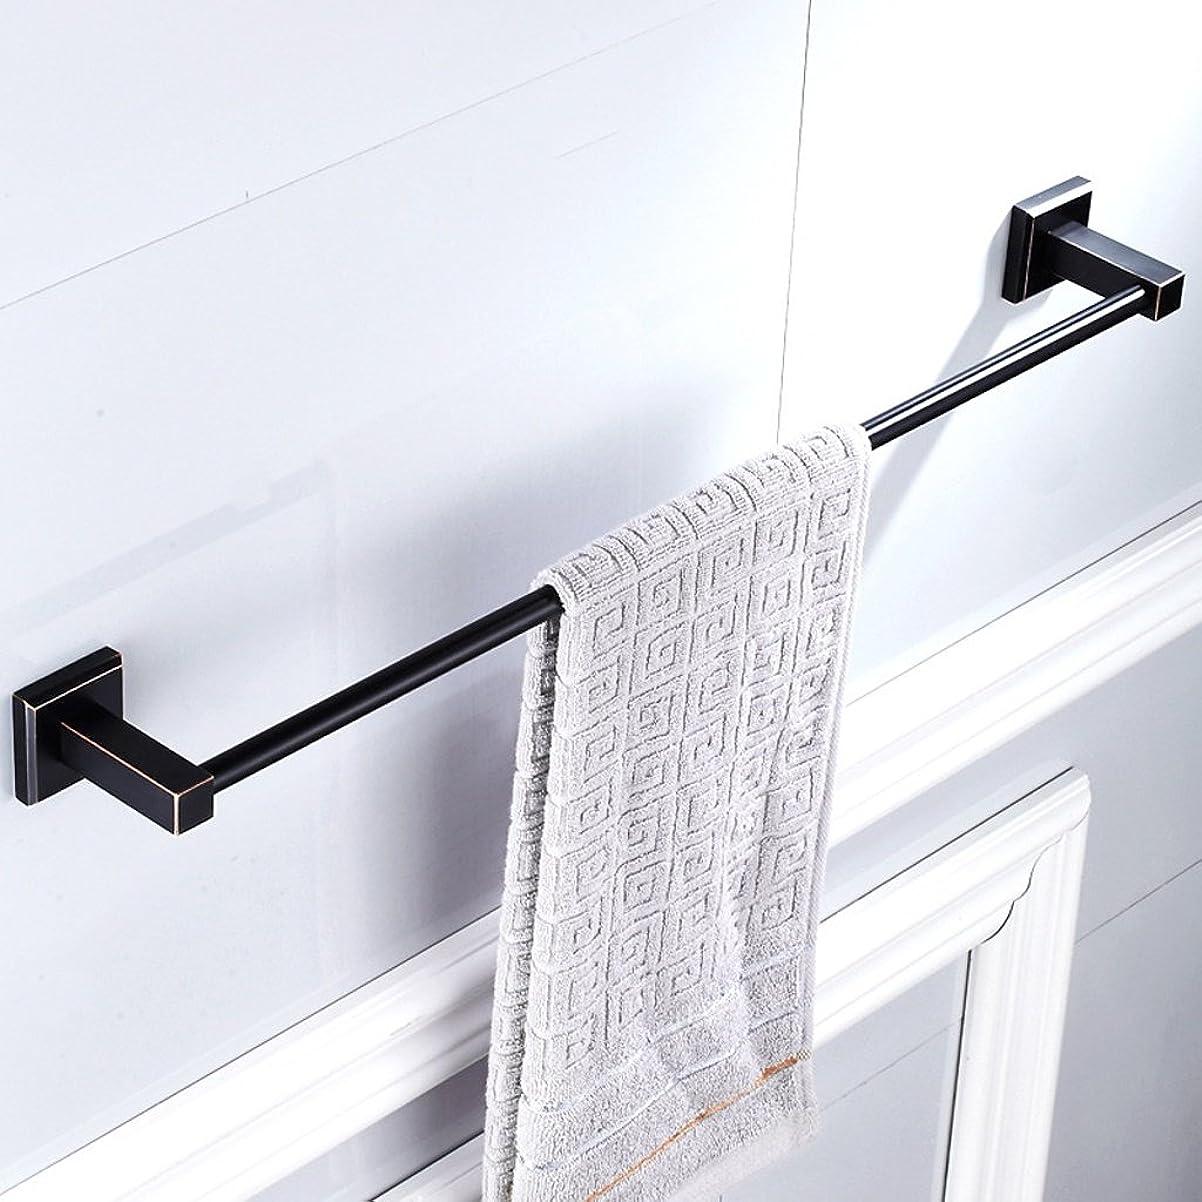 衣服省陽気なX-y-y 黒タオル片ロッド浴室全銅タオルラック浴室タオルバーアメリカのハードウェアペンダント